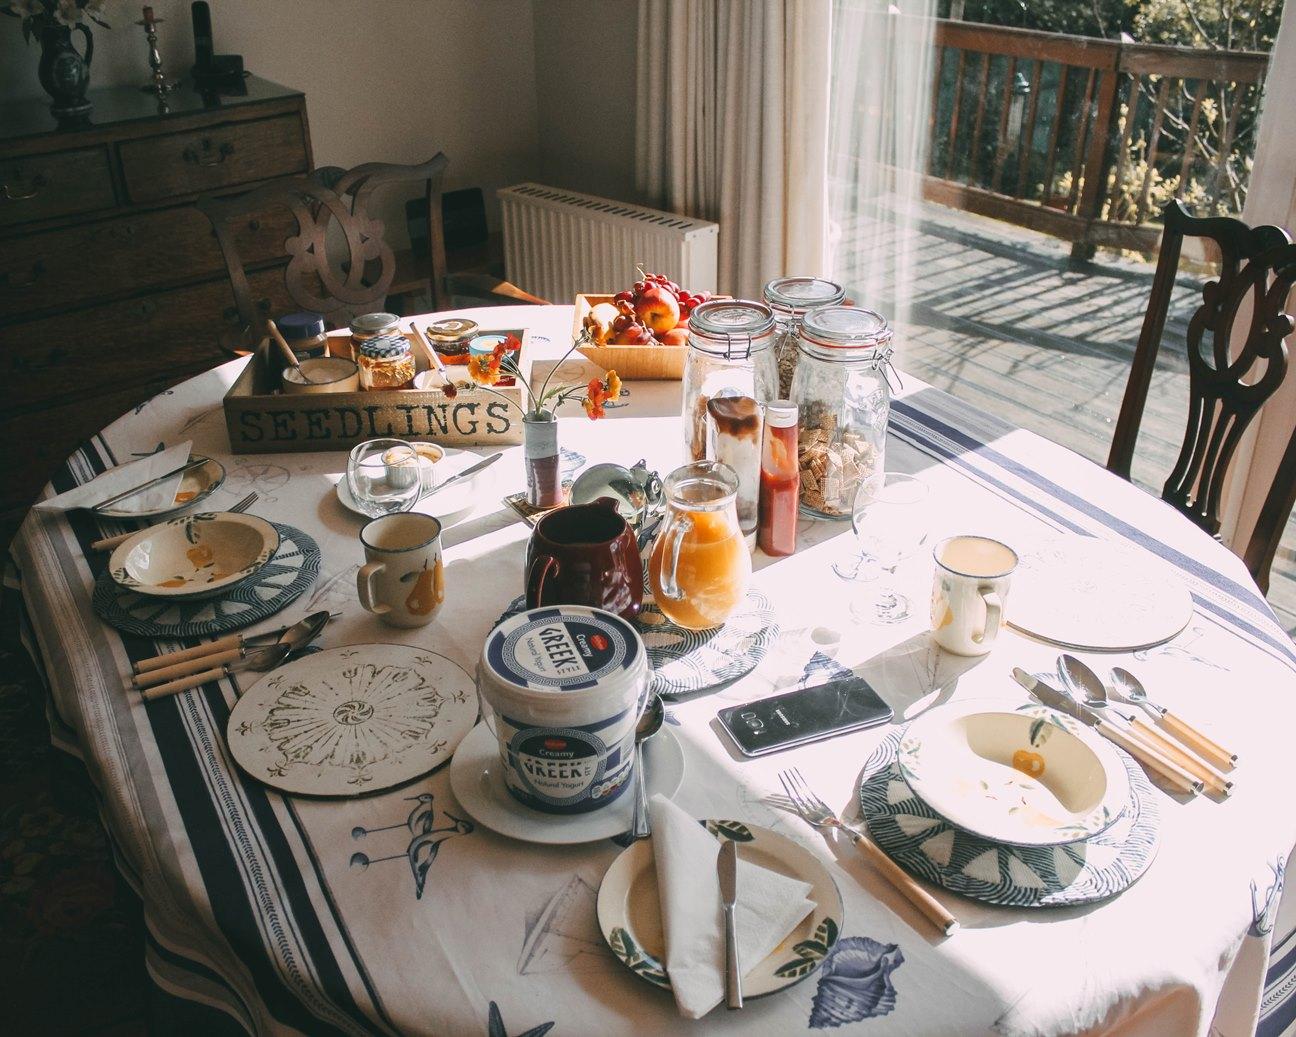 Hotel Bed and breakfast in quiet part of Sevenoaks